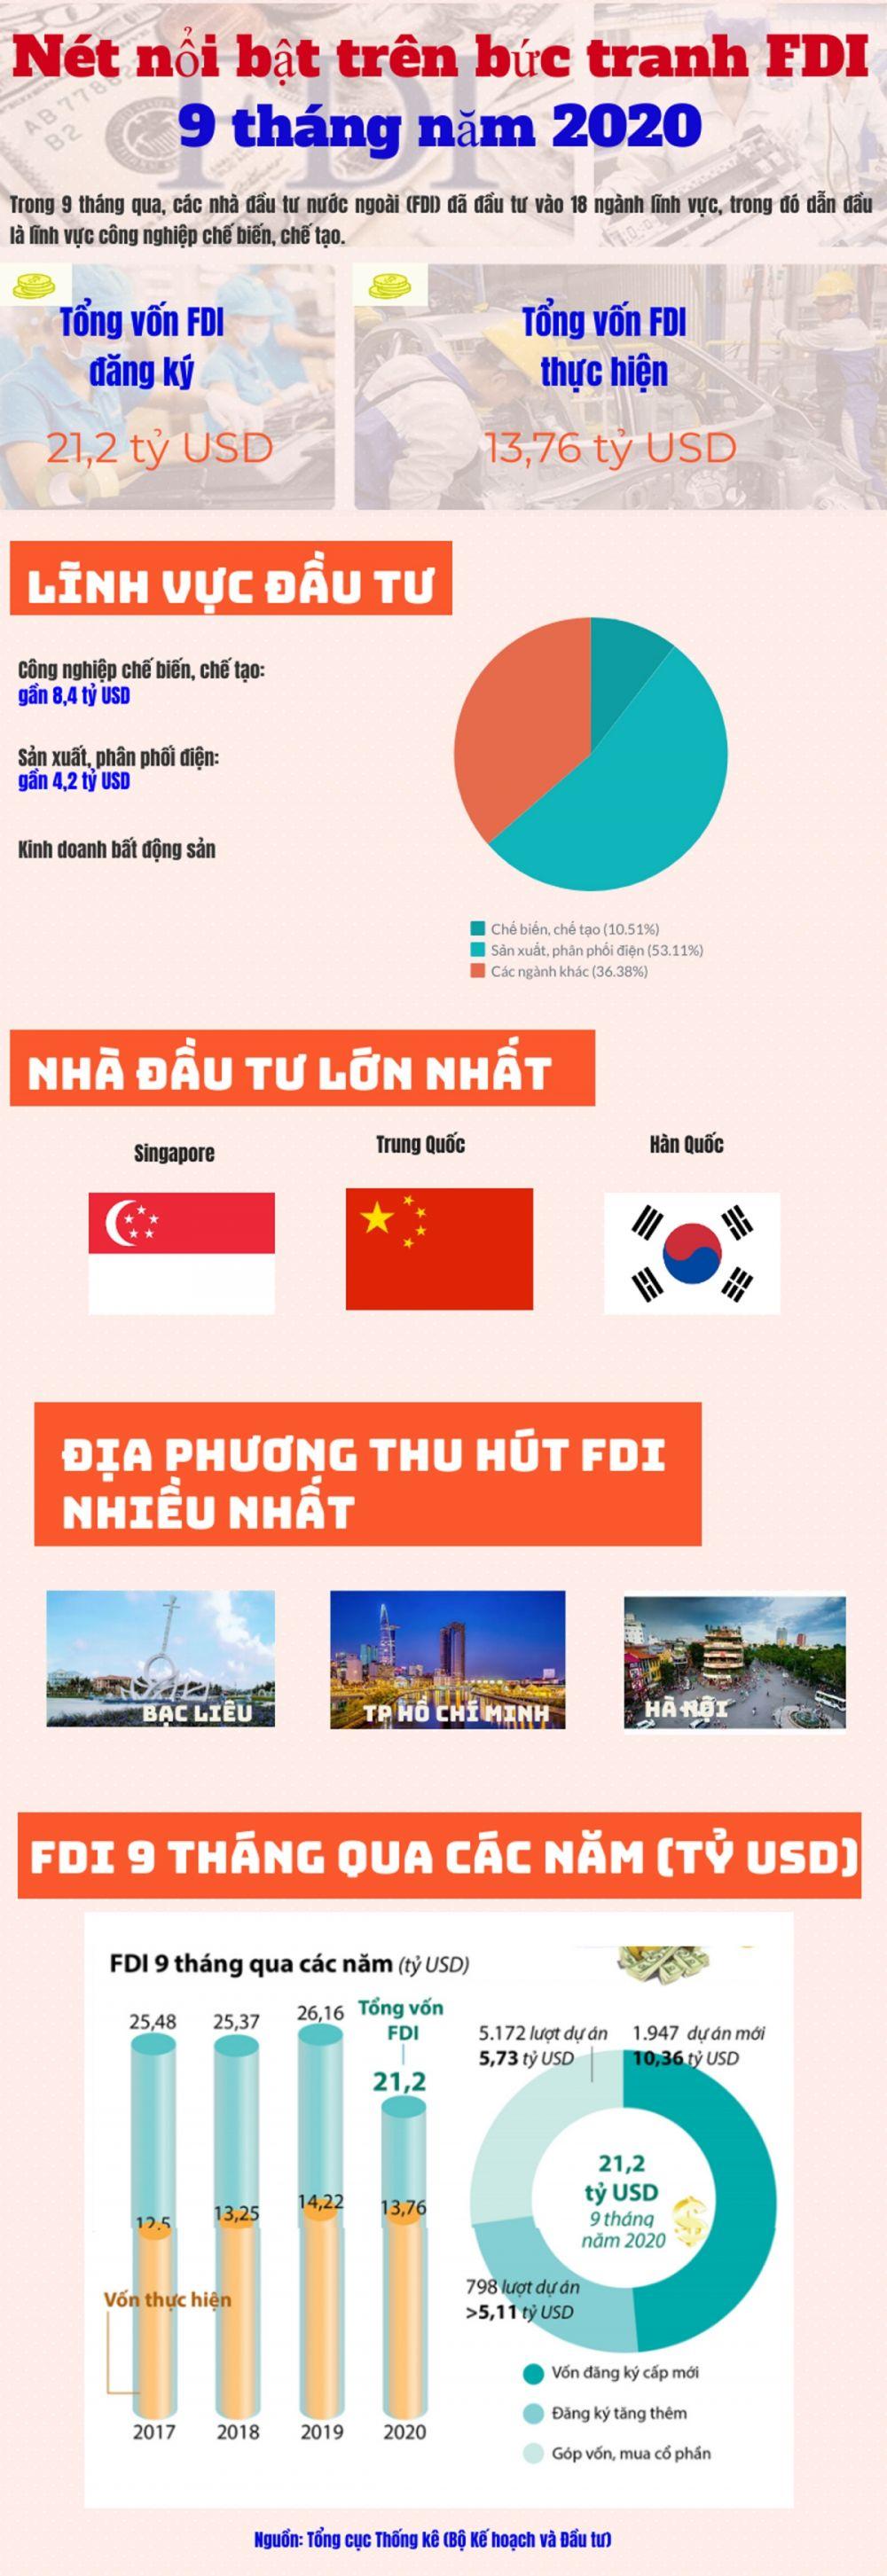 Infographics: Có gì nổi bật trên bức tranh FDI 9 tháng năm 2020?